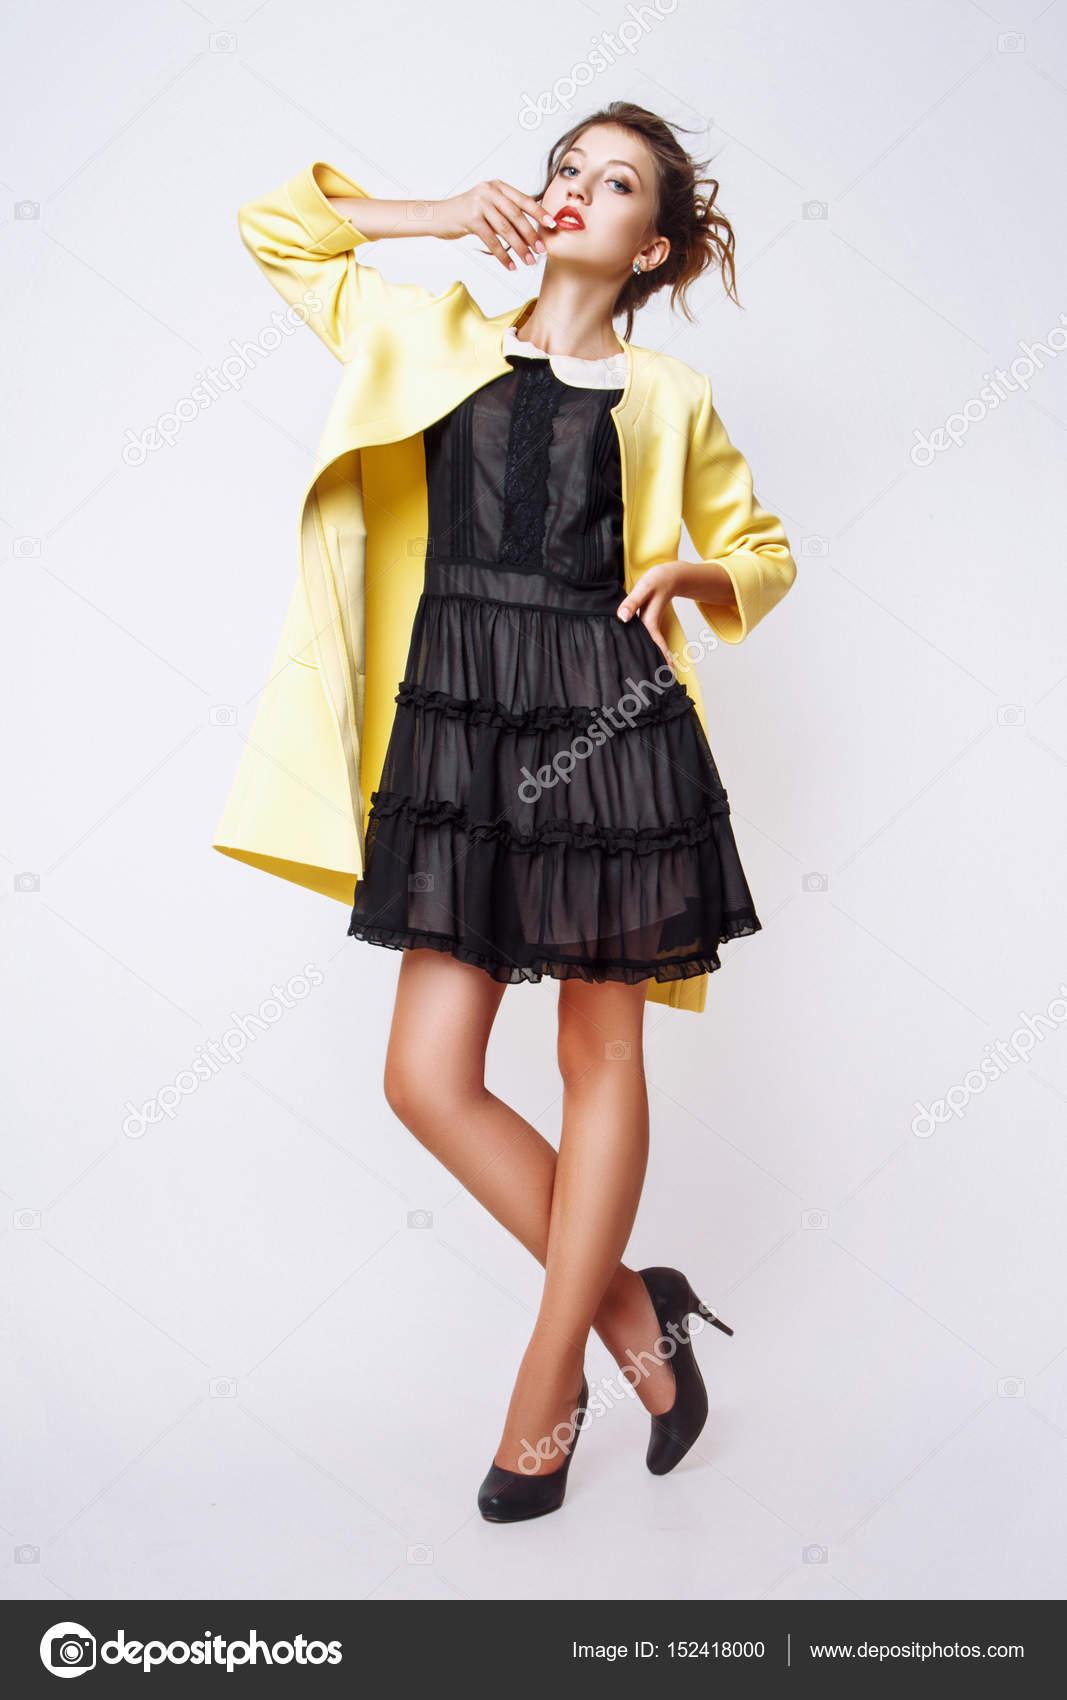 Modefoto jungen Frau auf weißem Hintergrund. Gekleidet in schwarze und  gelbe Mantel. Mädchen posiert. Studio Foto — Foto von YuliiaChupina a0830c028e